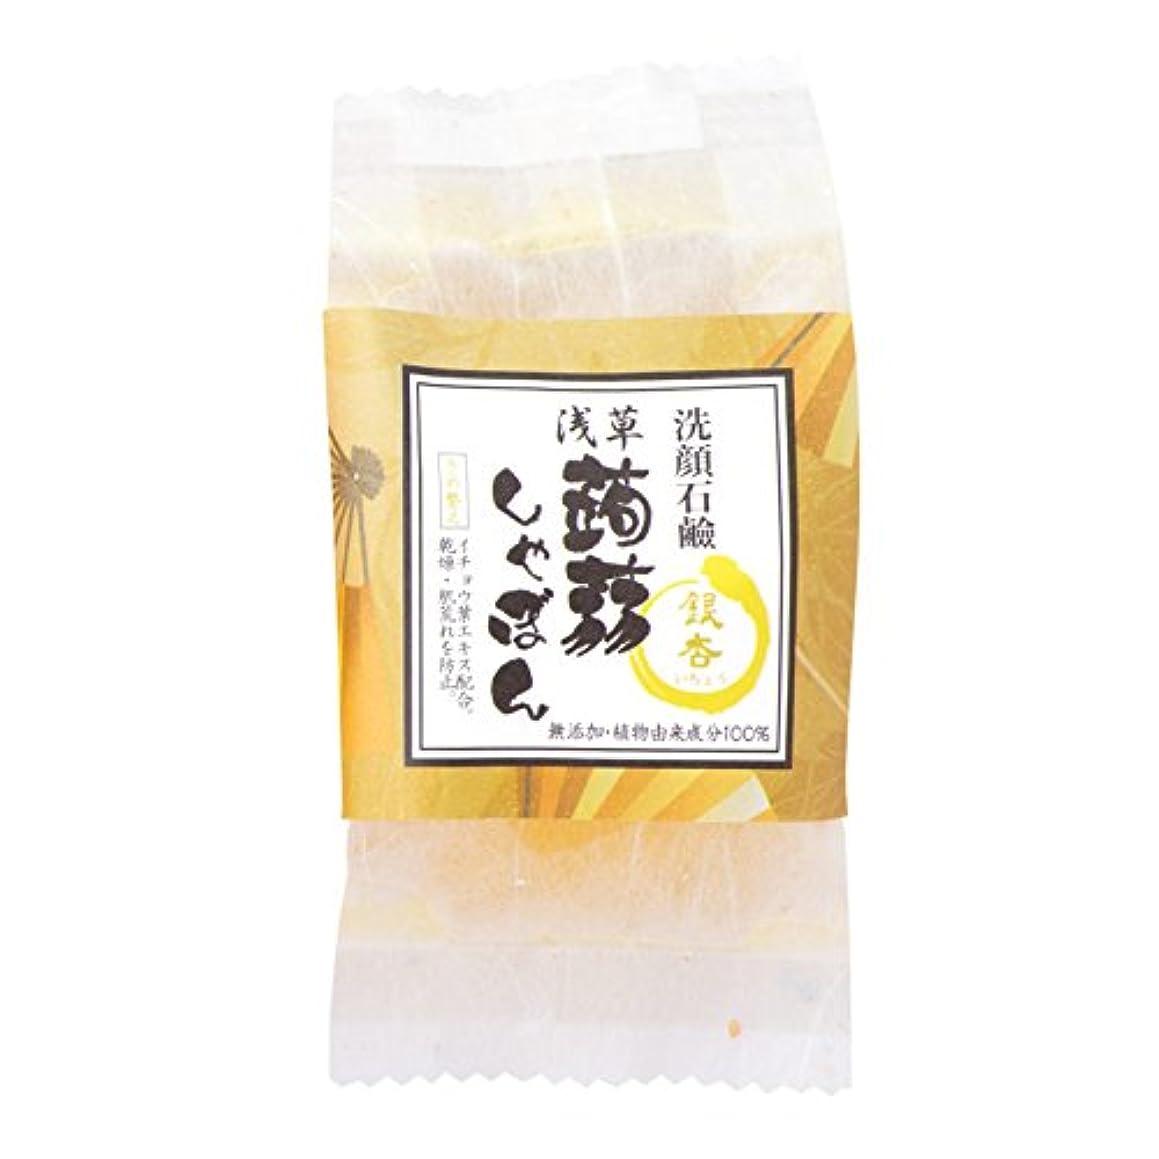 ロードハウス具体的に安全な浅草蒟蒻しゃぼん浅草 銀杏(いちょう)